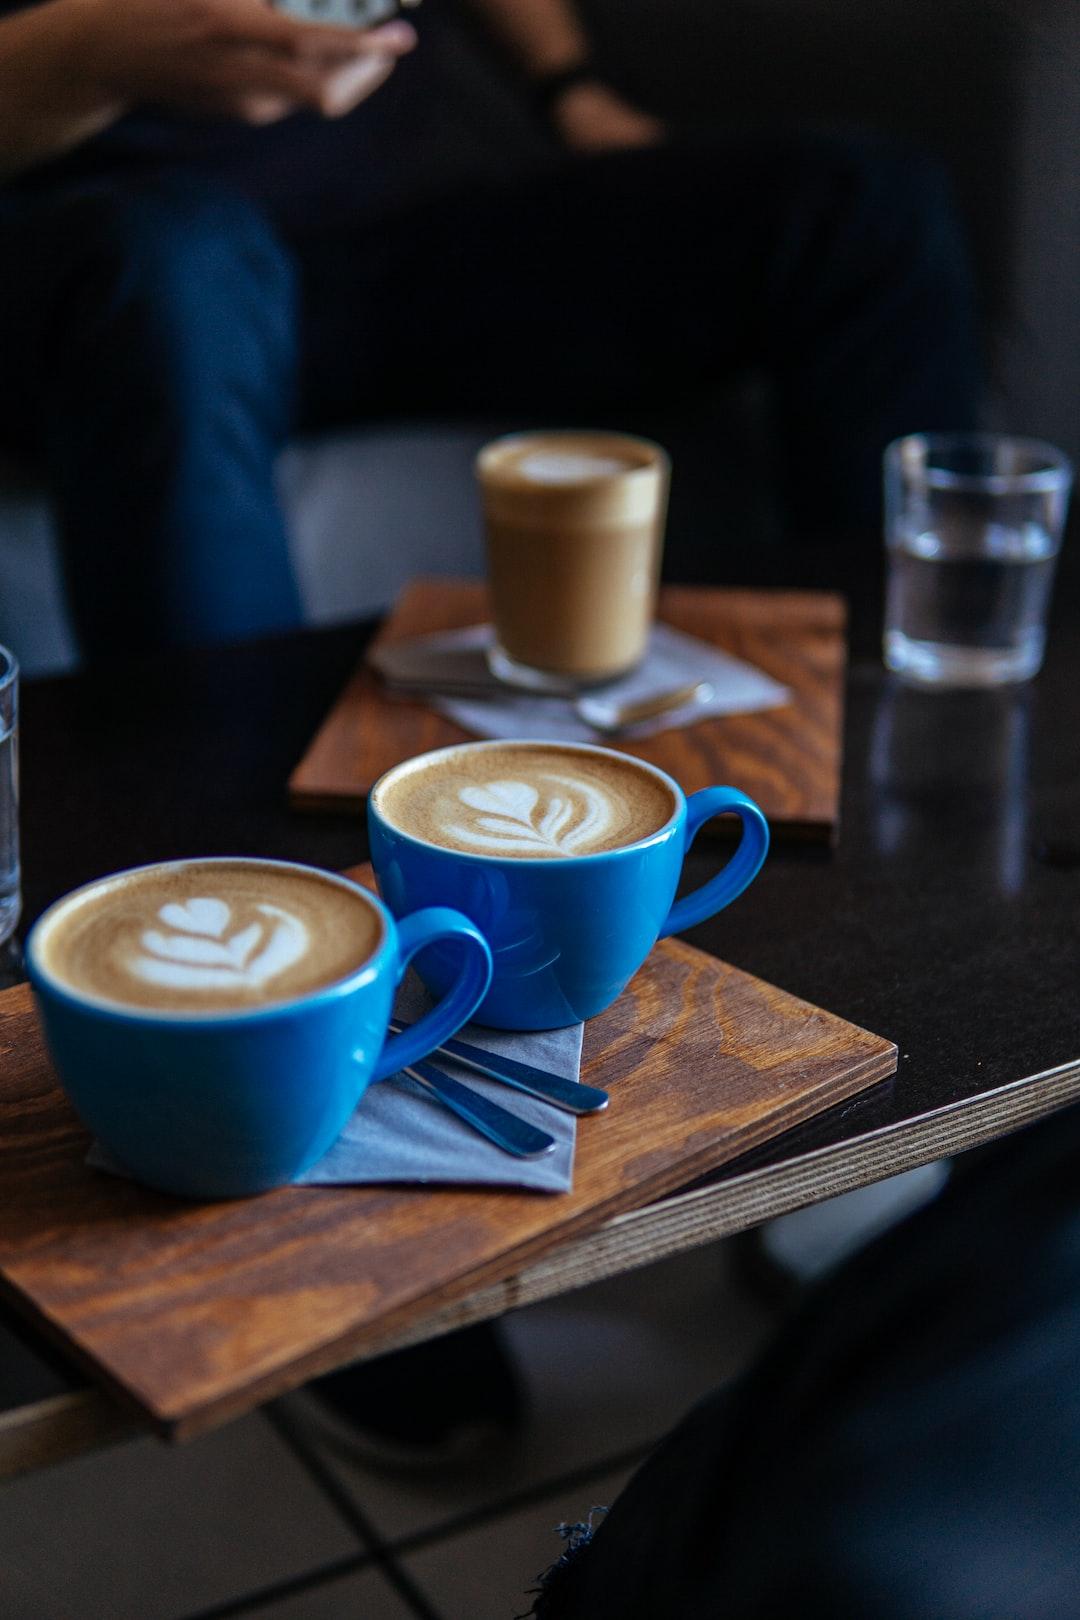 Double cappuccino please